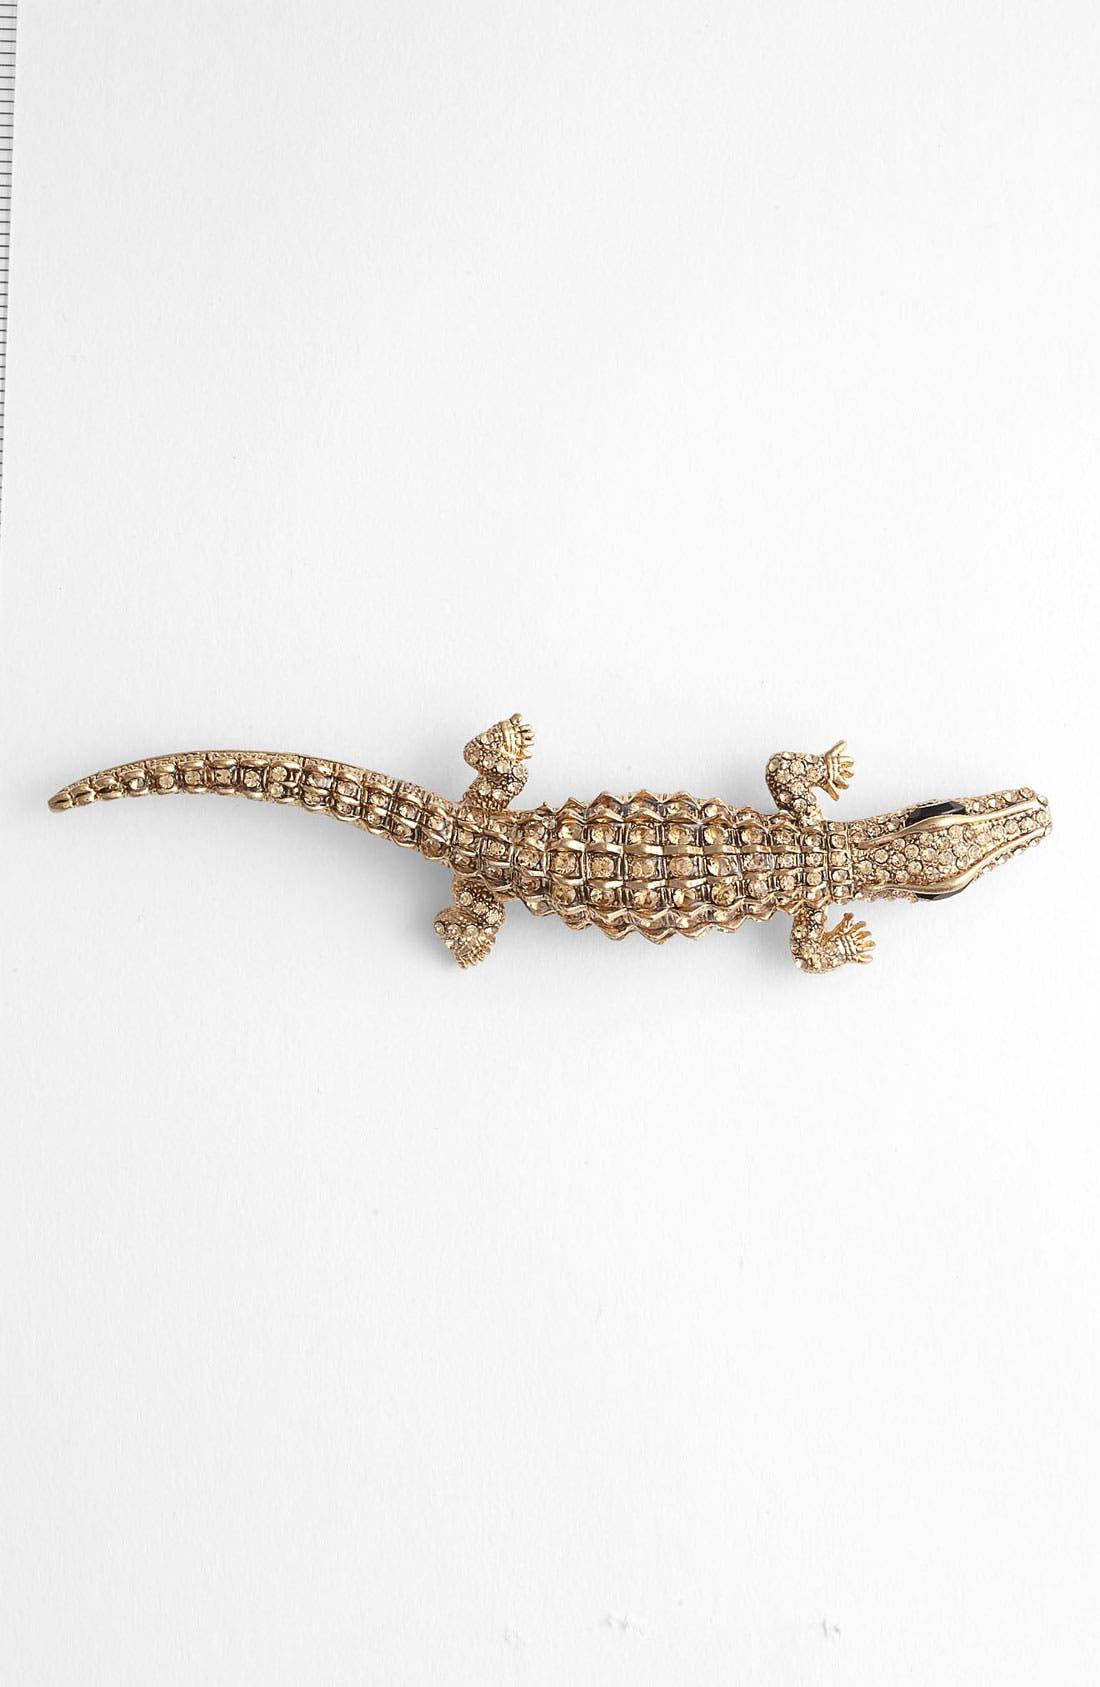 Main Image - Tasha 'Critters' Alligator Brooch